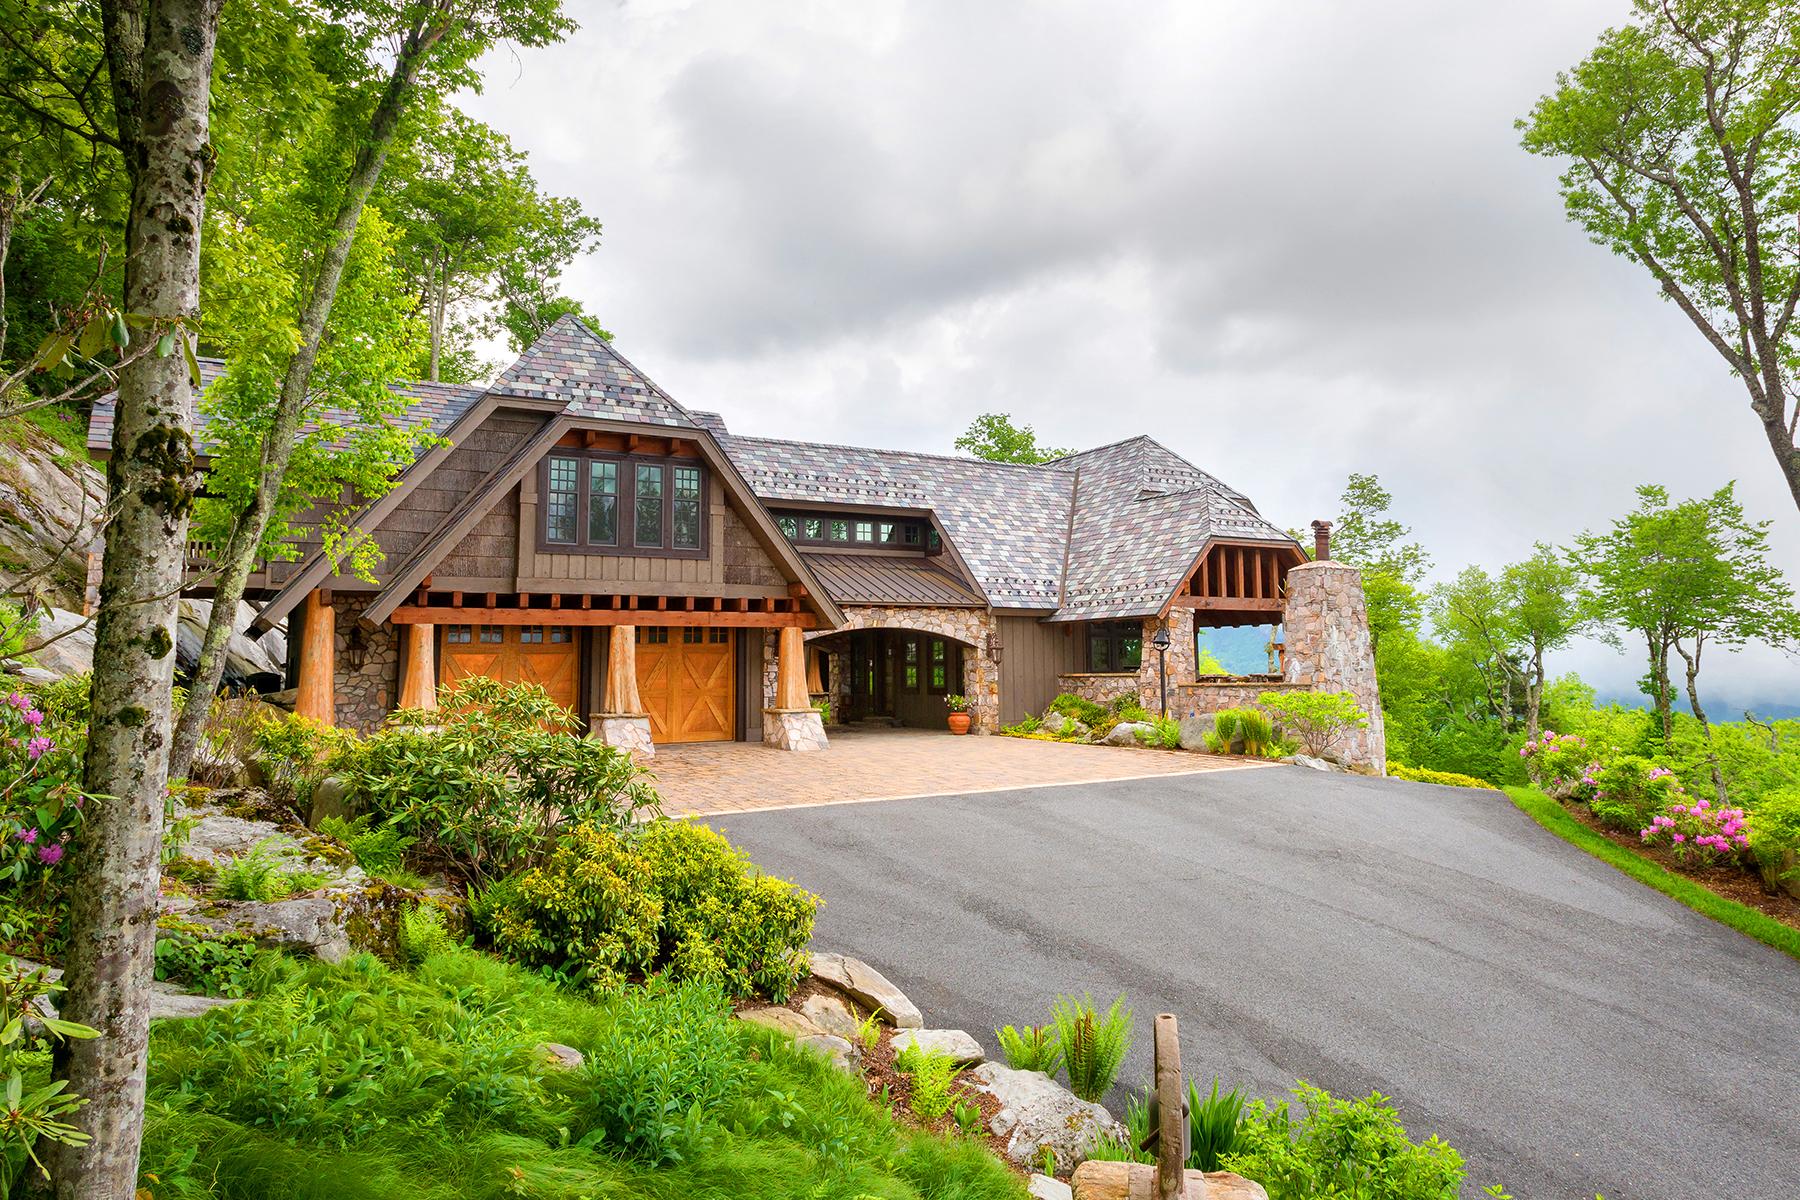 Casa Unifamiliar por un Venta en LINVILLE - LINVILLE RIDGE 1801 Branlaire Drive 18 Linville, Carolina Del Norte, 28646 Estados Unidos